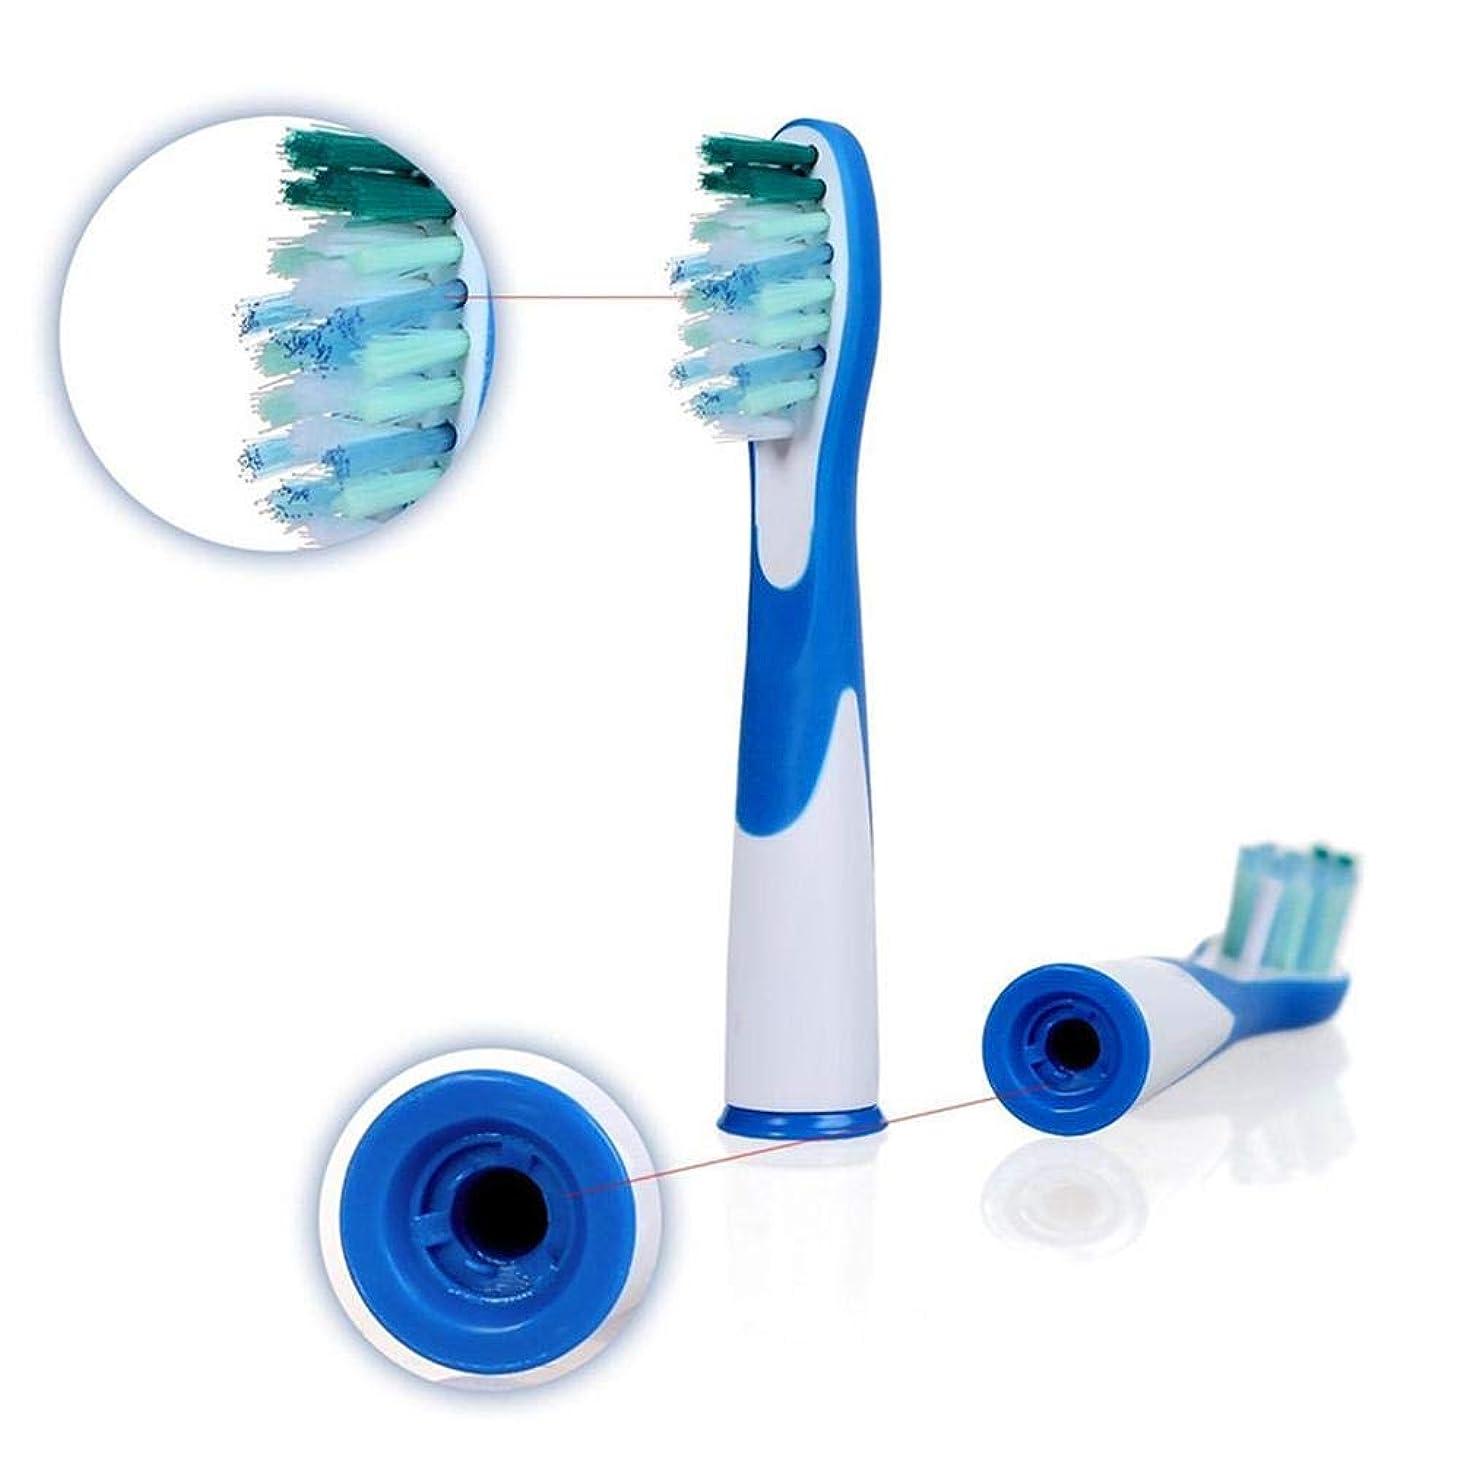 共和党象使役colmall 電動歯ブラシ交換ヘッド Oral B 電動歯ブラシ S26.523.3 S15.523.3に対応 安全 ソフト 4PCS thrifty